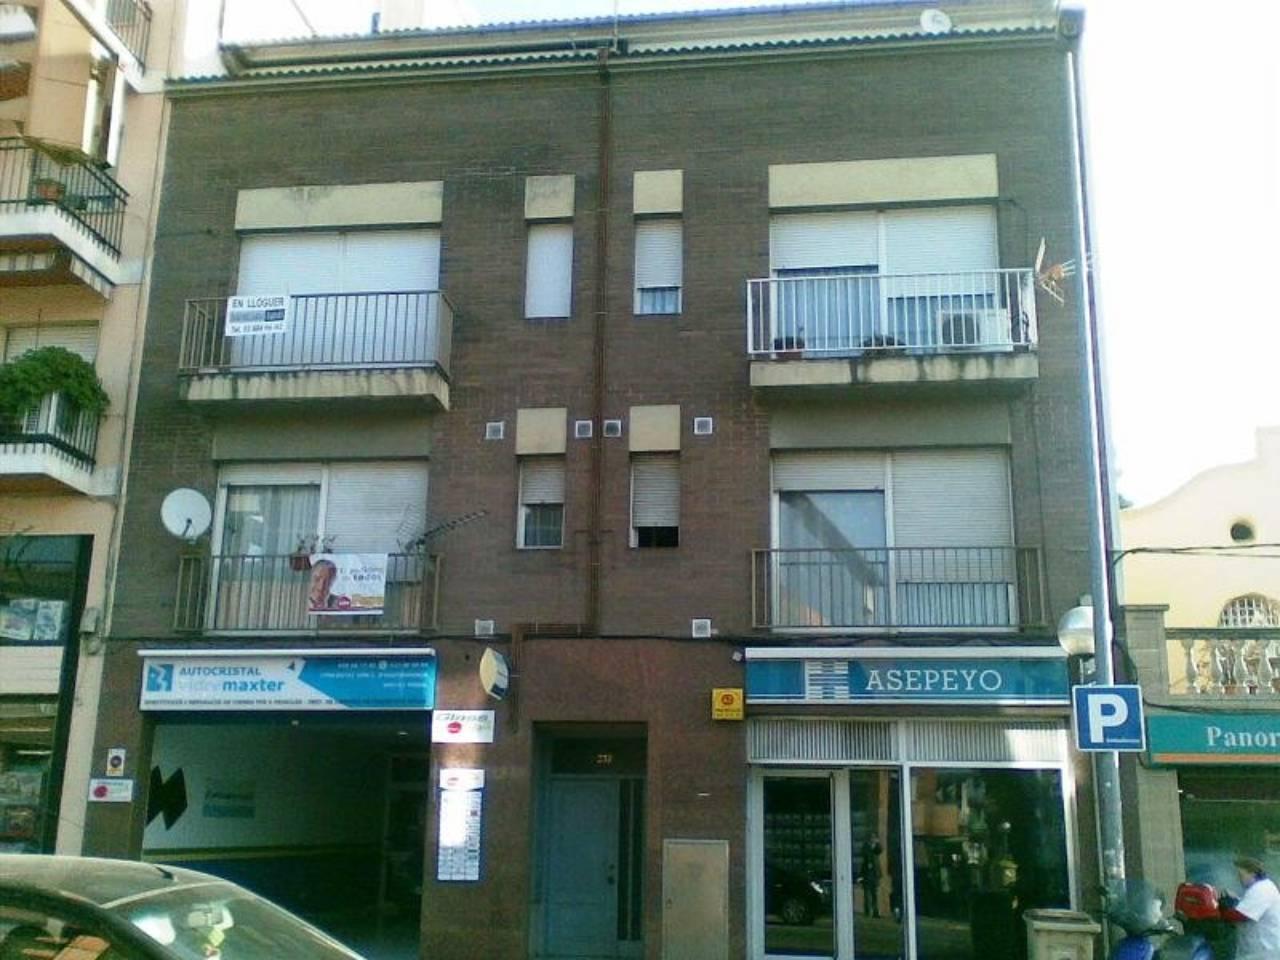 Alquiler Piso  Centre. Superf. 90 m²,  4 habitaciones ( 1 suite,  2 dobles,  1 individu